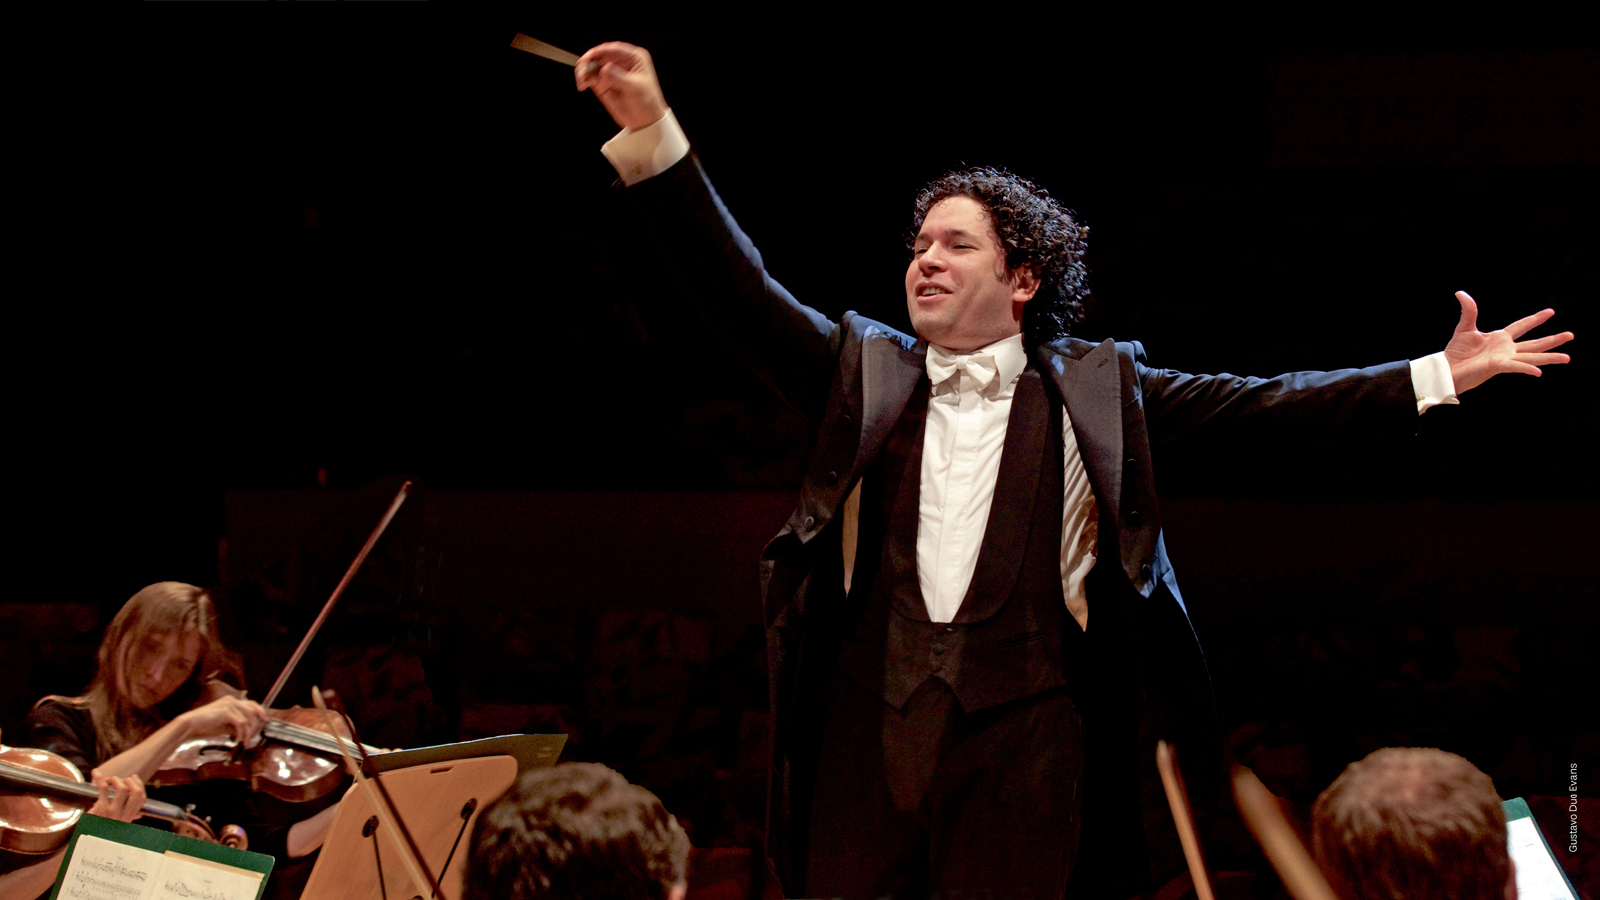 Ny kilde med klassisk musik i levende billeder